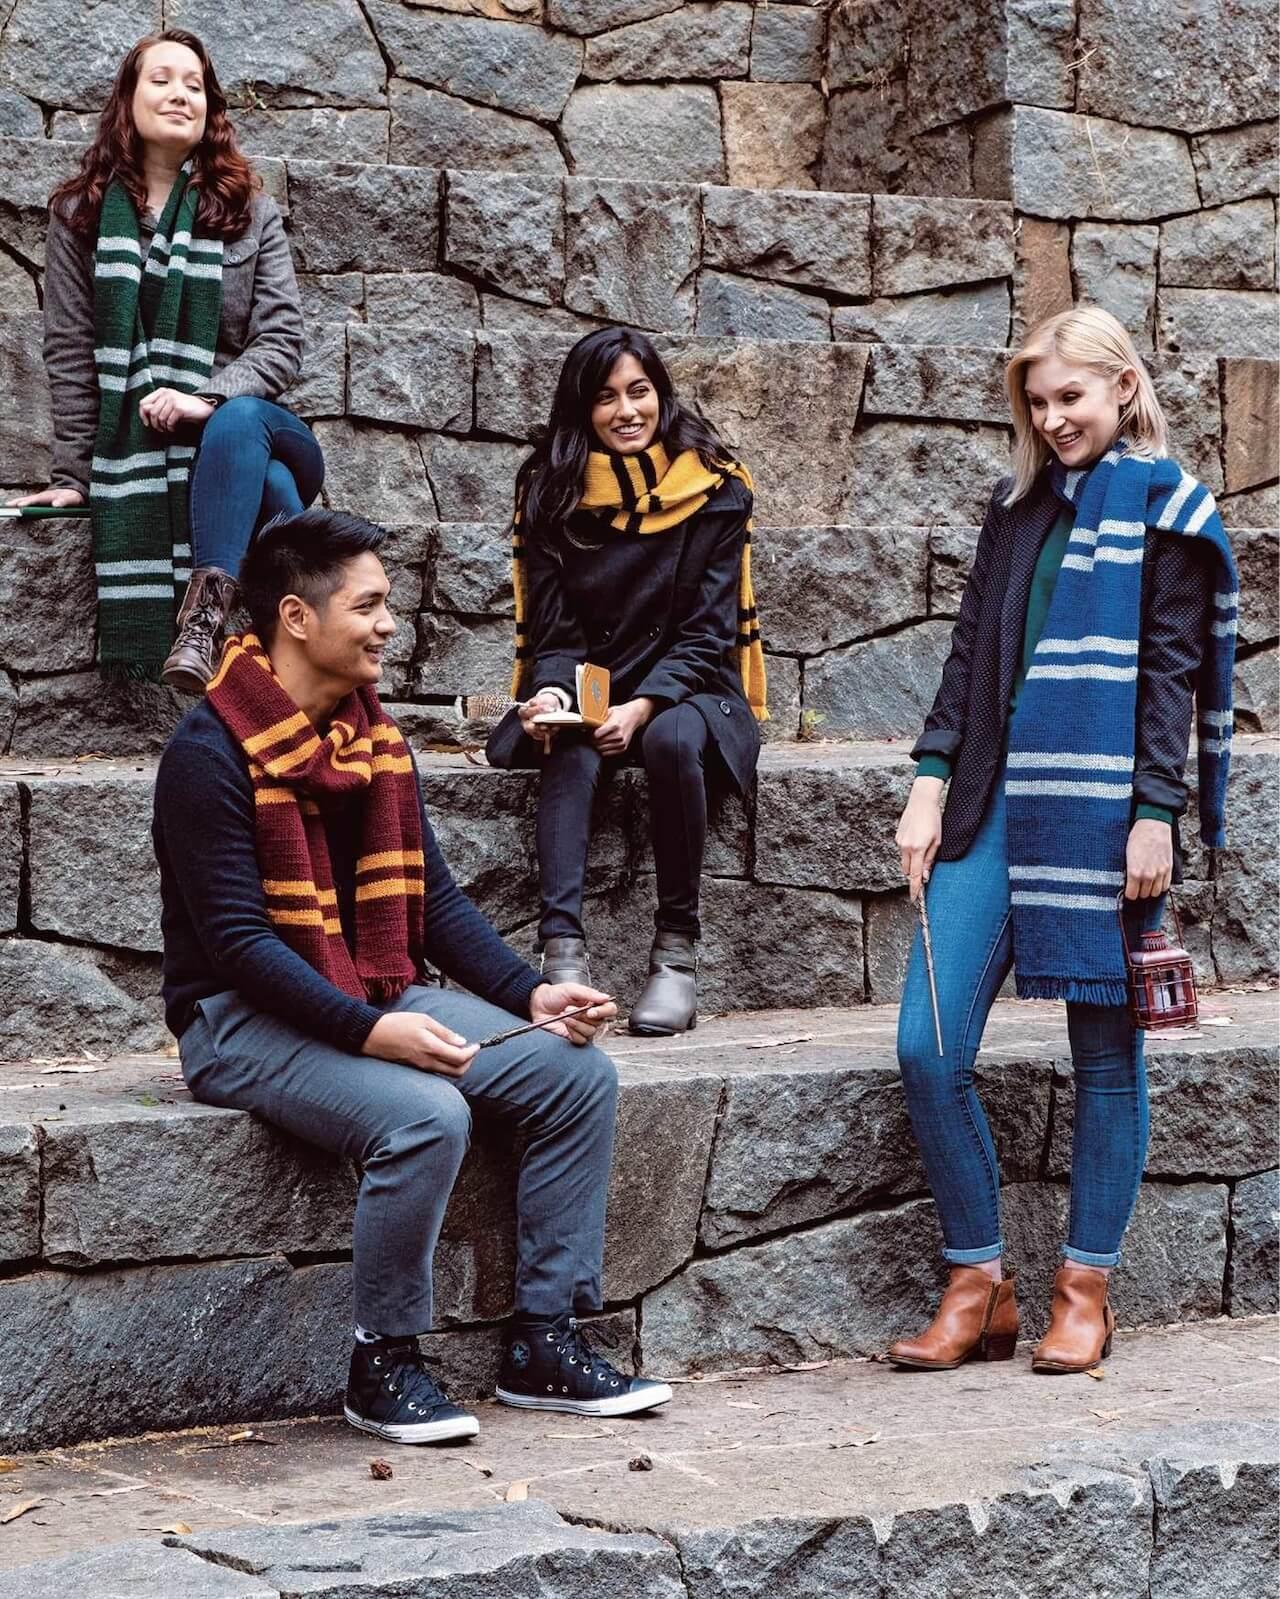 【超可愛い】ハリー・ポッターの公式編み物本が来年1月に発売 life-fashio191030-harry-potter-knitting-magic-1